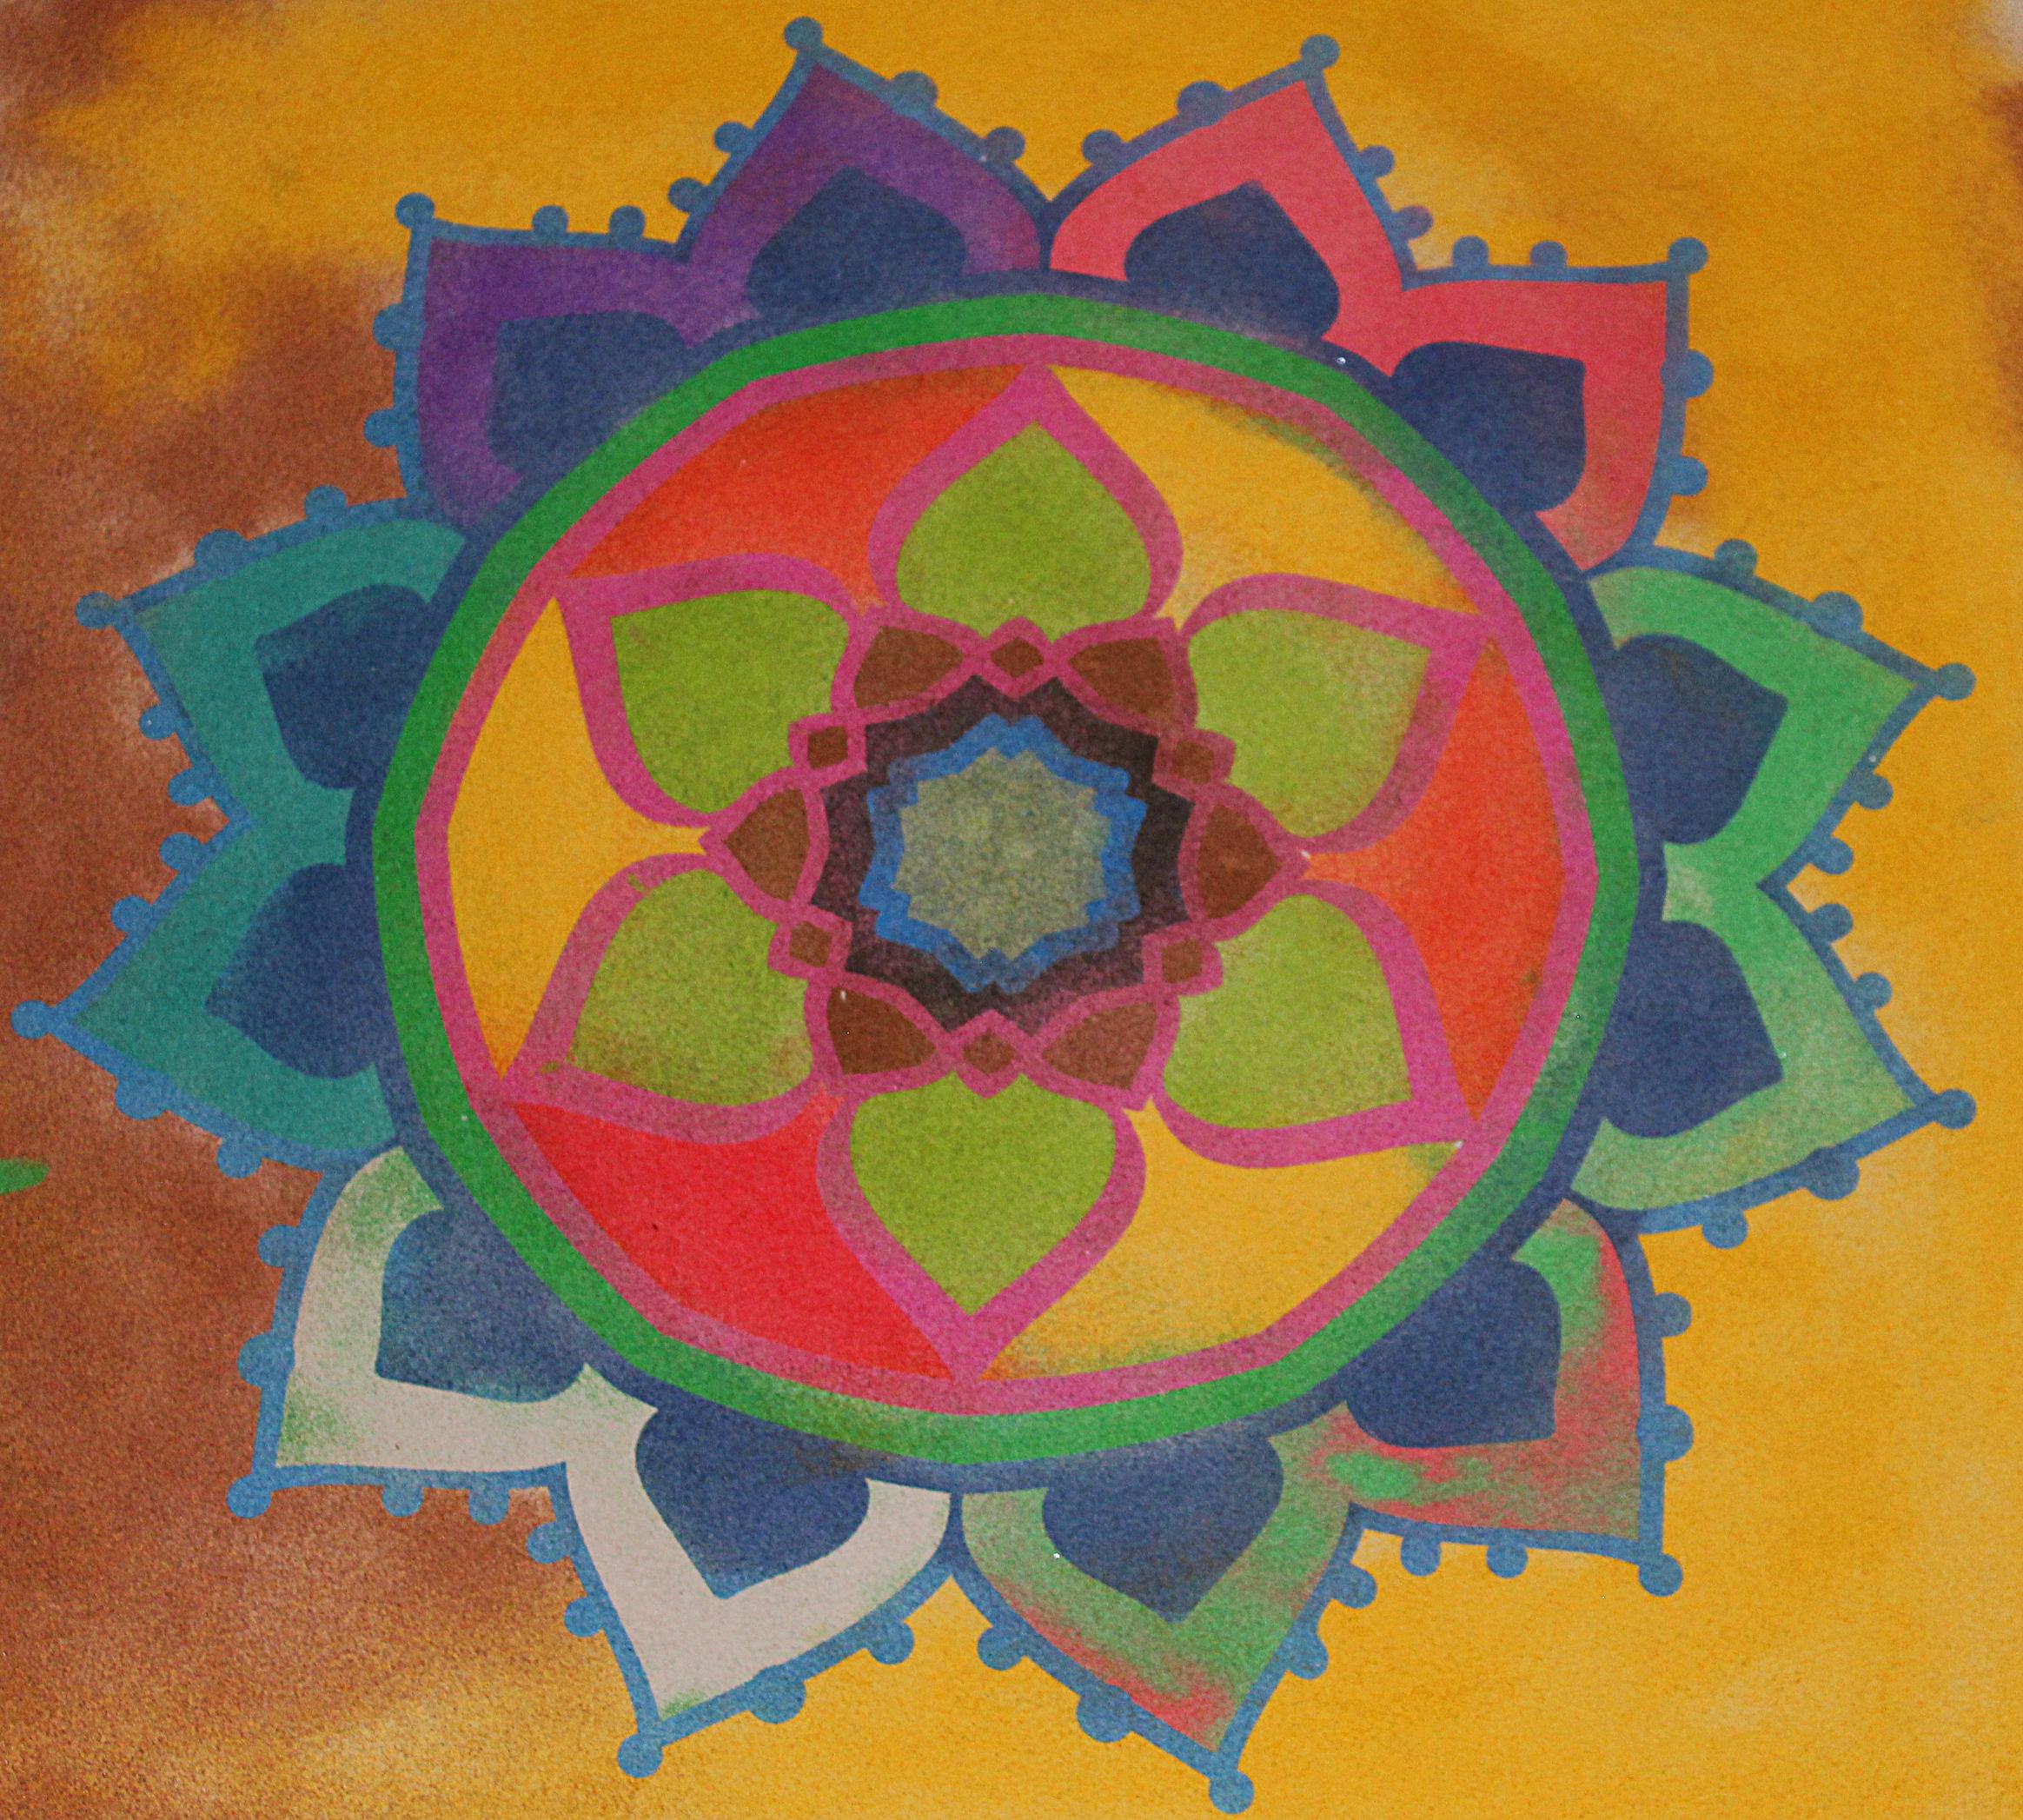 Obrázek mandaly vybarvené barevným pískem